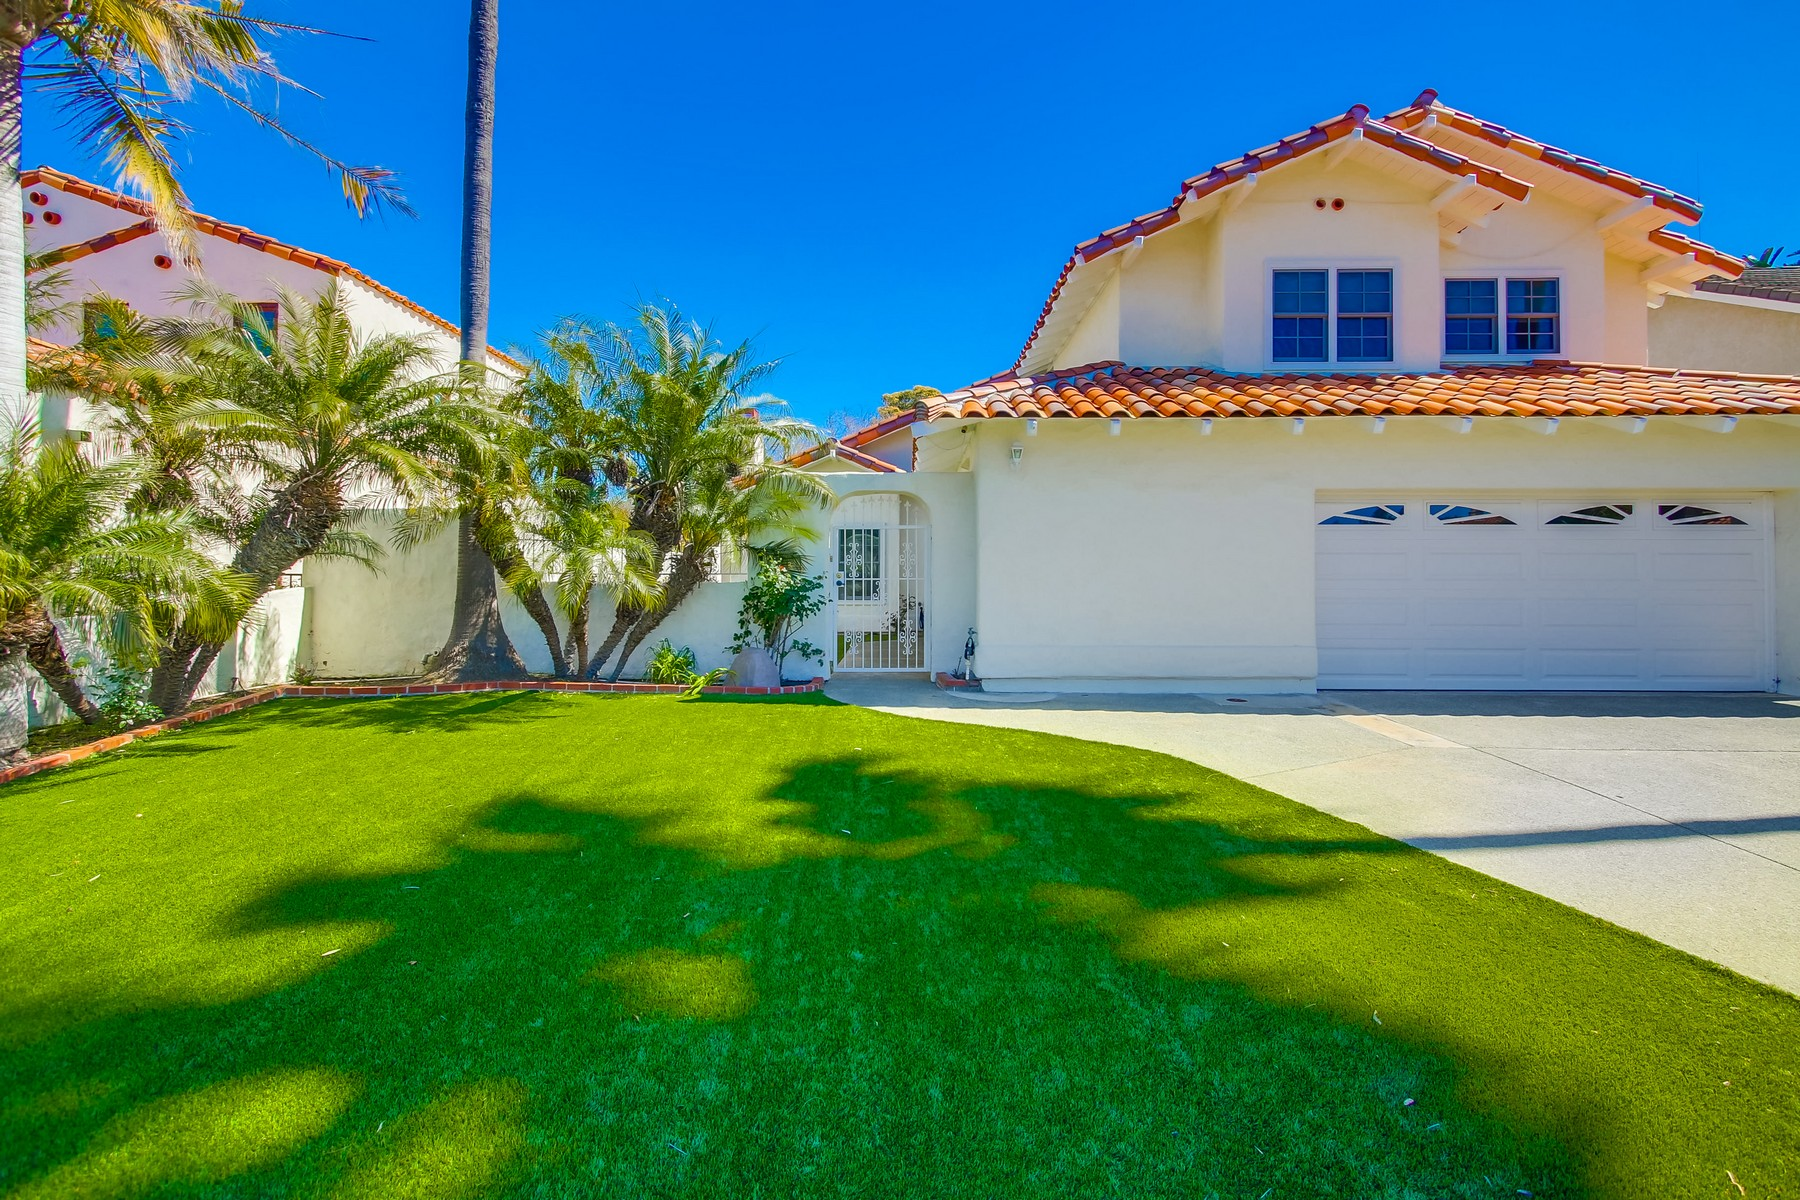 Частный односемейный дом для того Продажа на 921 Windflower 921 Windflower Way San Diego, Калифорния 92106 Соединенные Штаты